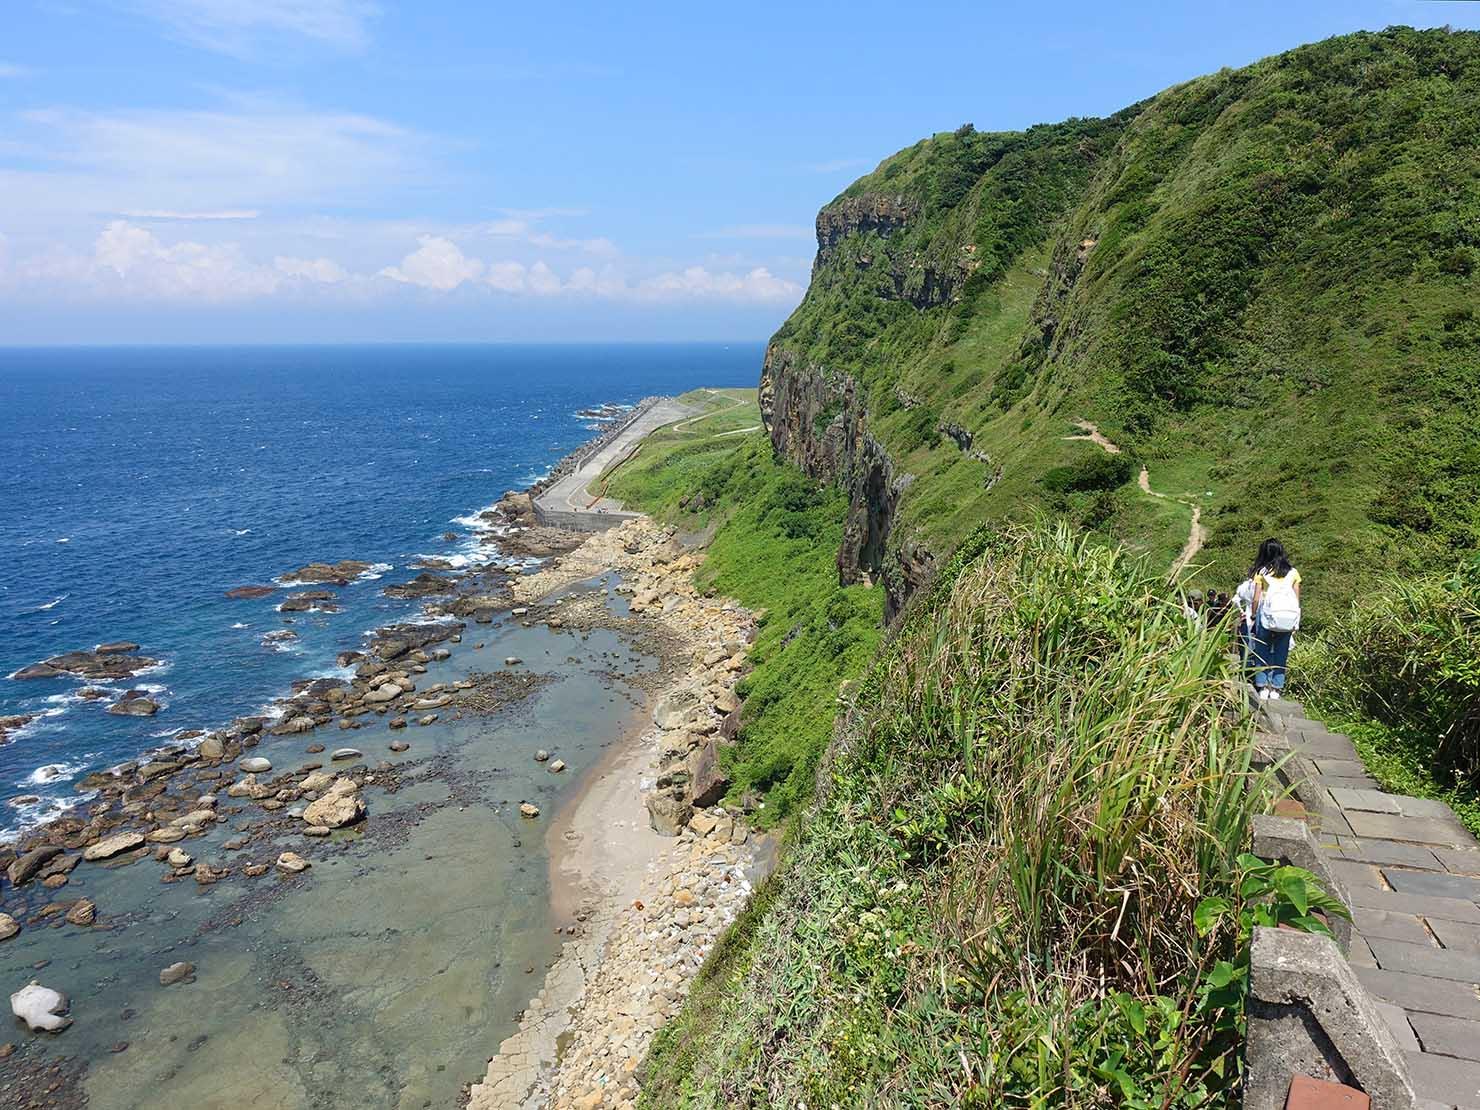 台北から日帰りで行ける基隆・望幽谷の遊歩道